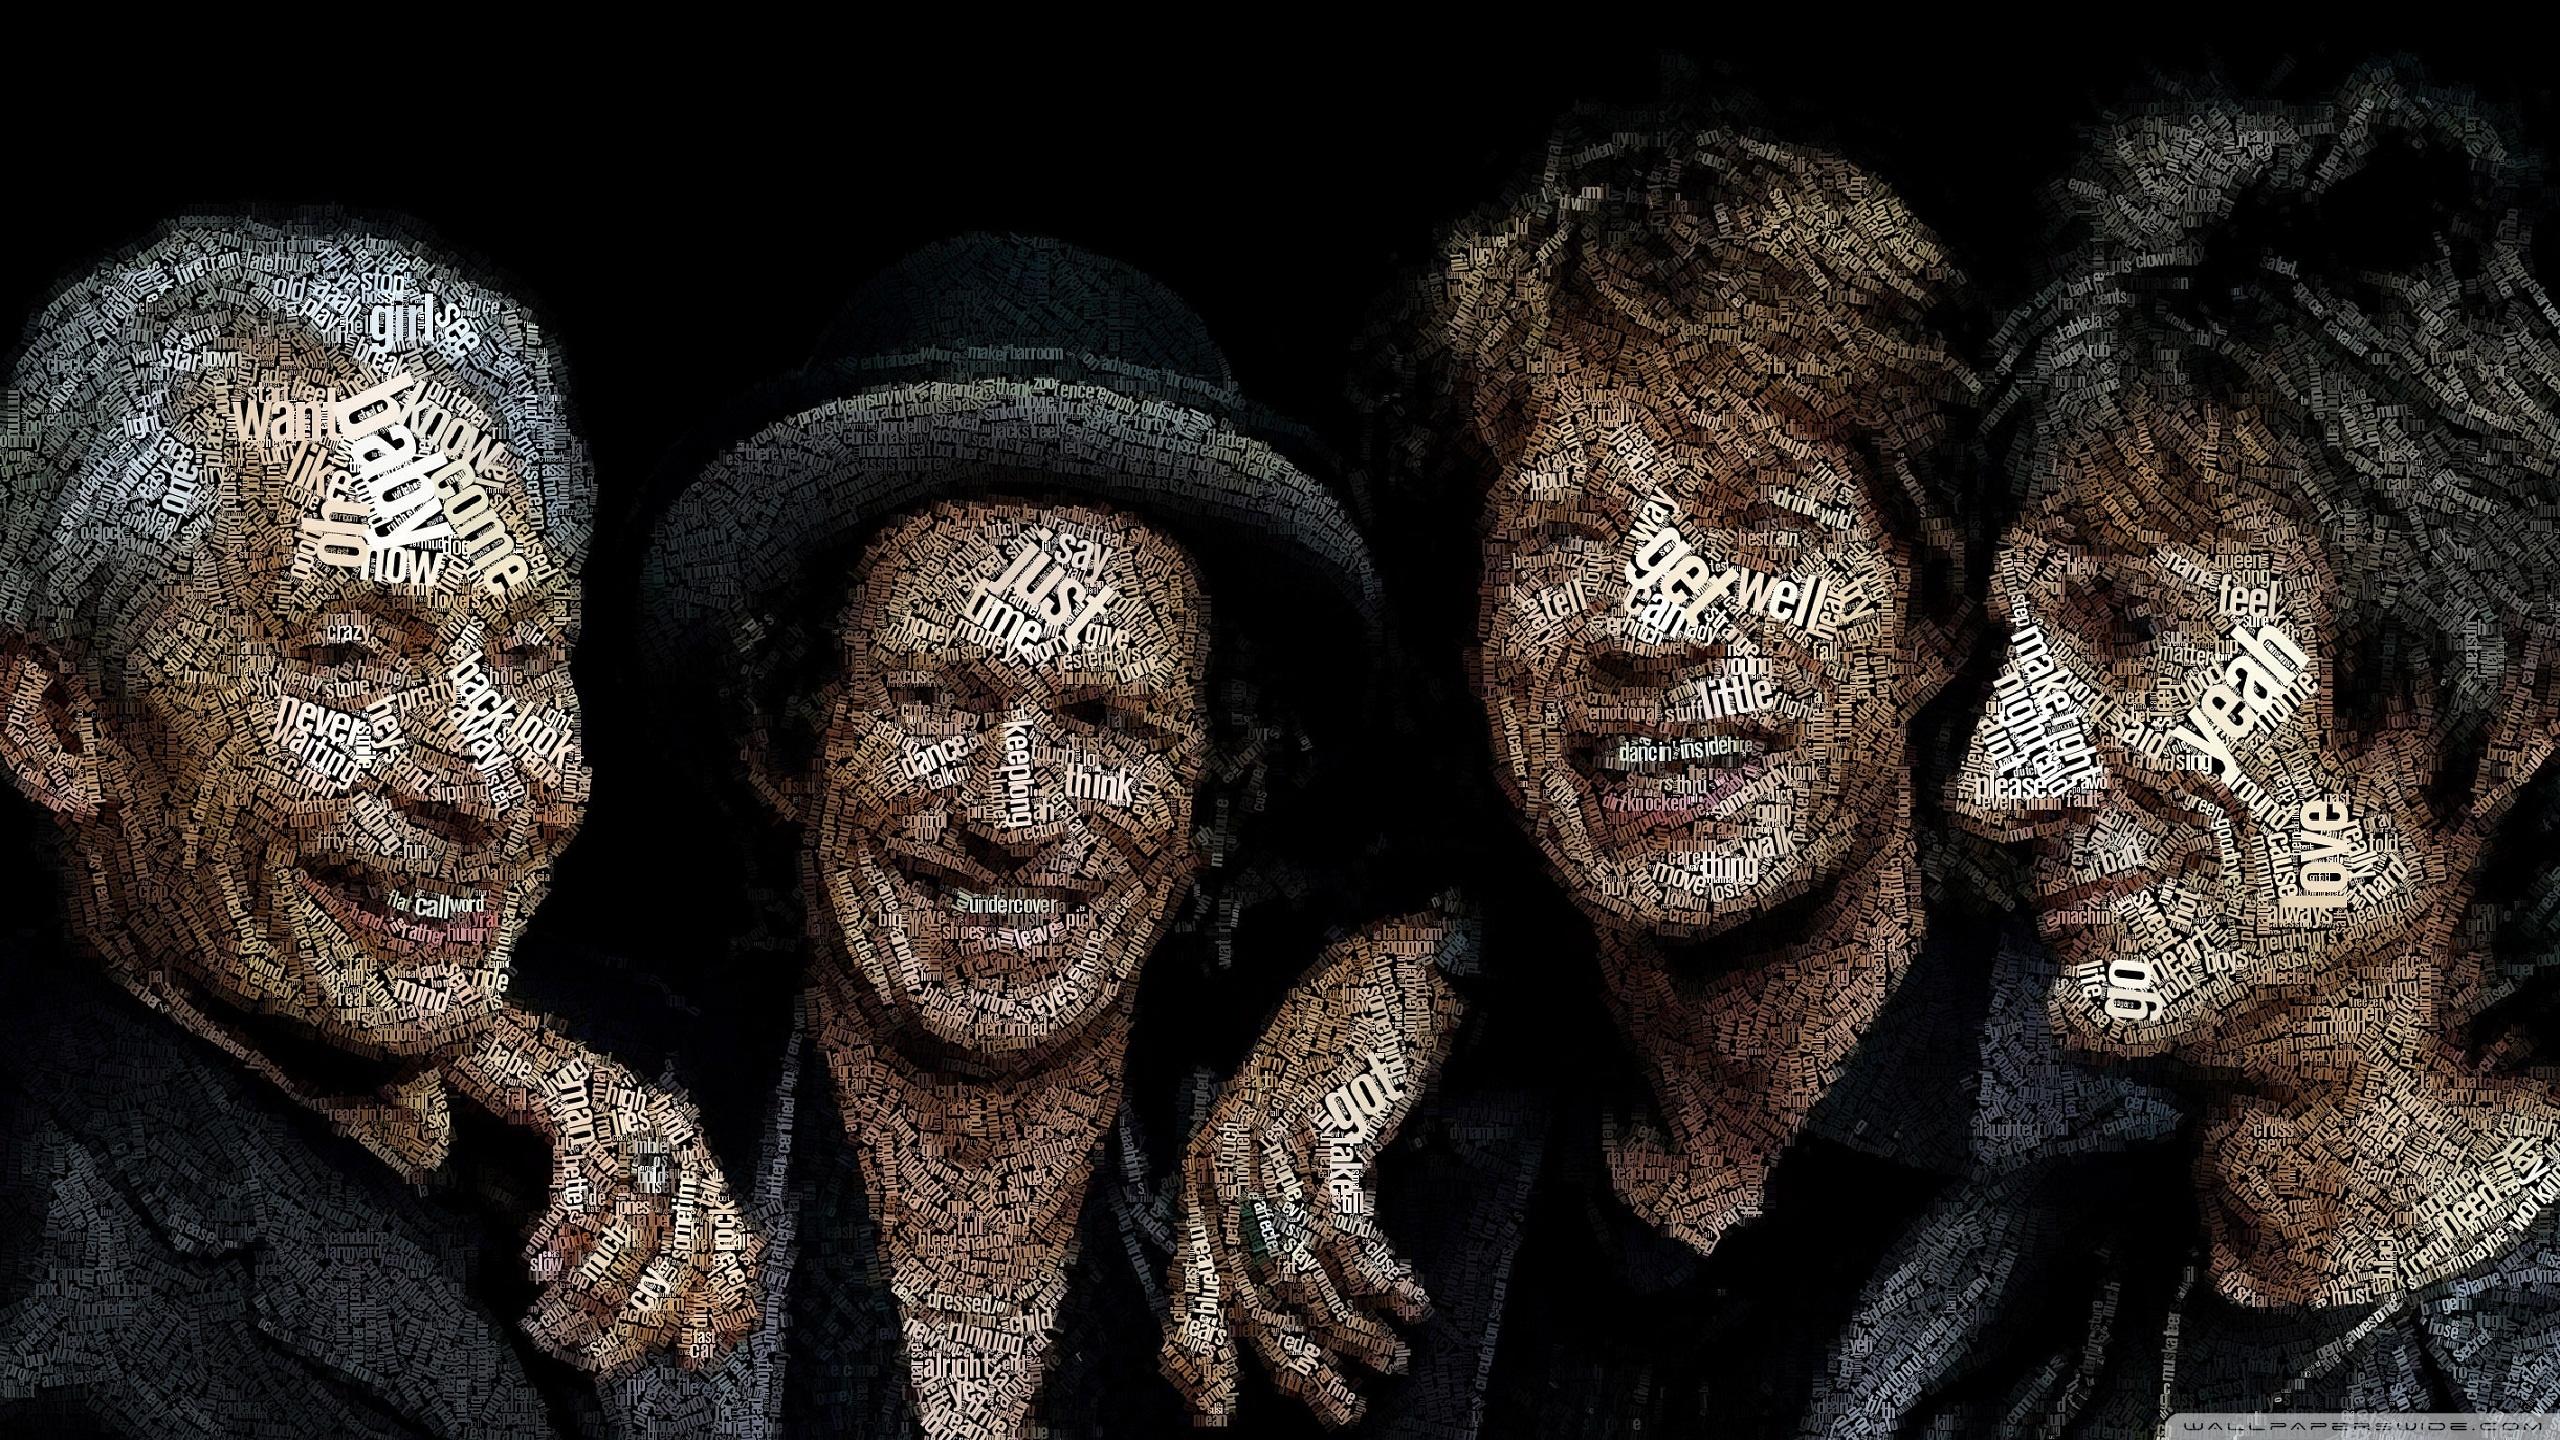 Rolling Stones 4k Hd Desktop Wallpaper For Wide Ultra